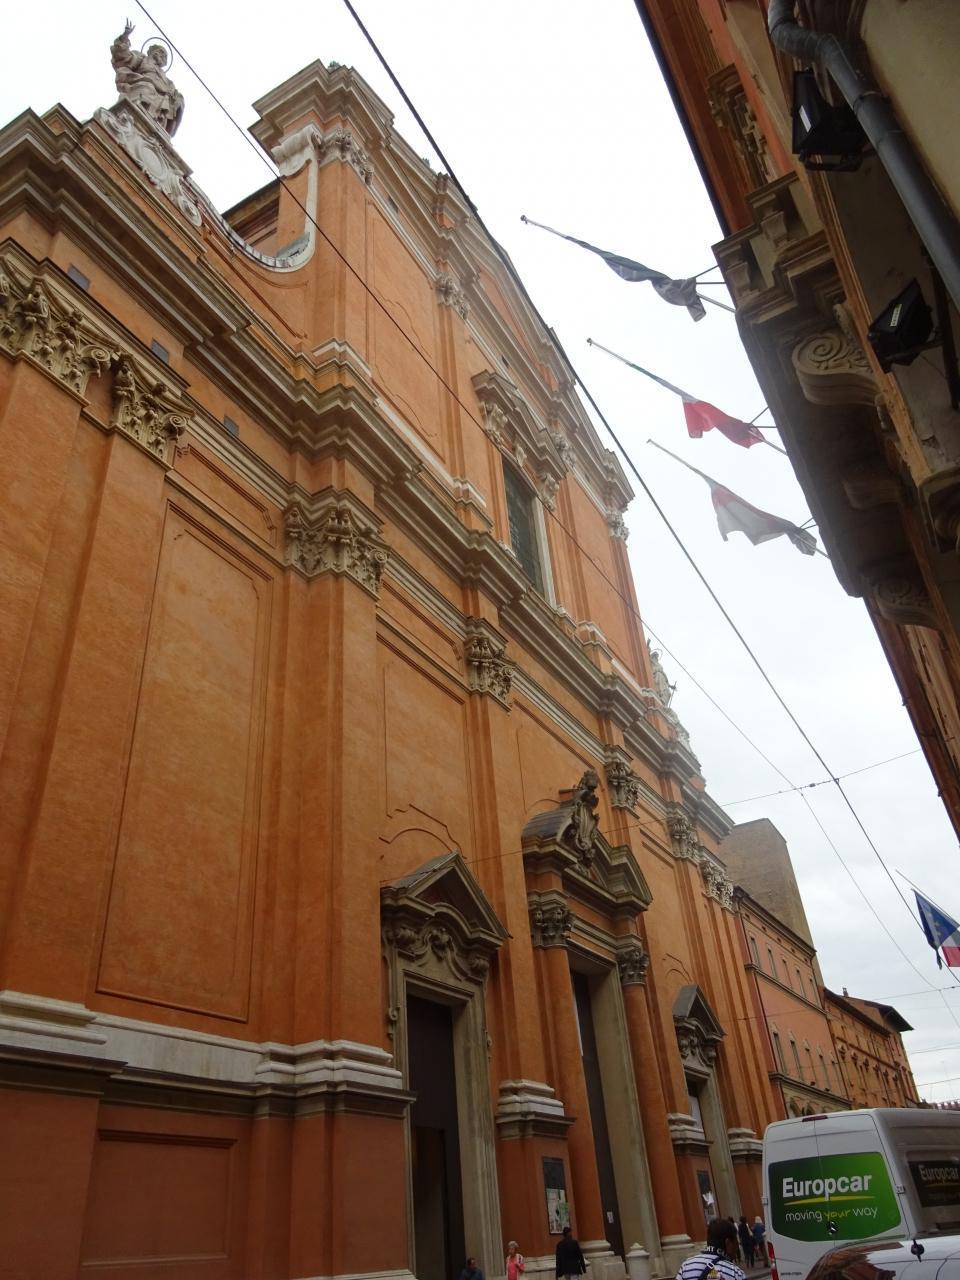 サン・ピエトロ大聖堂の画像 p1_9